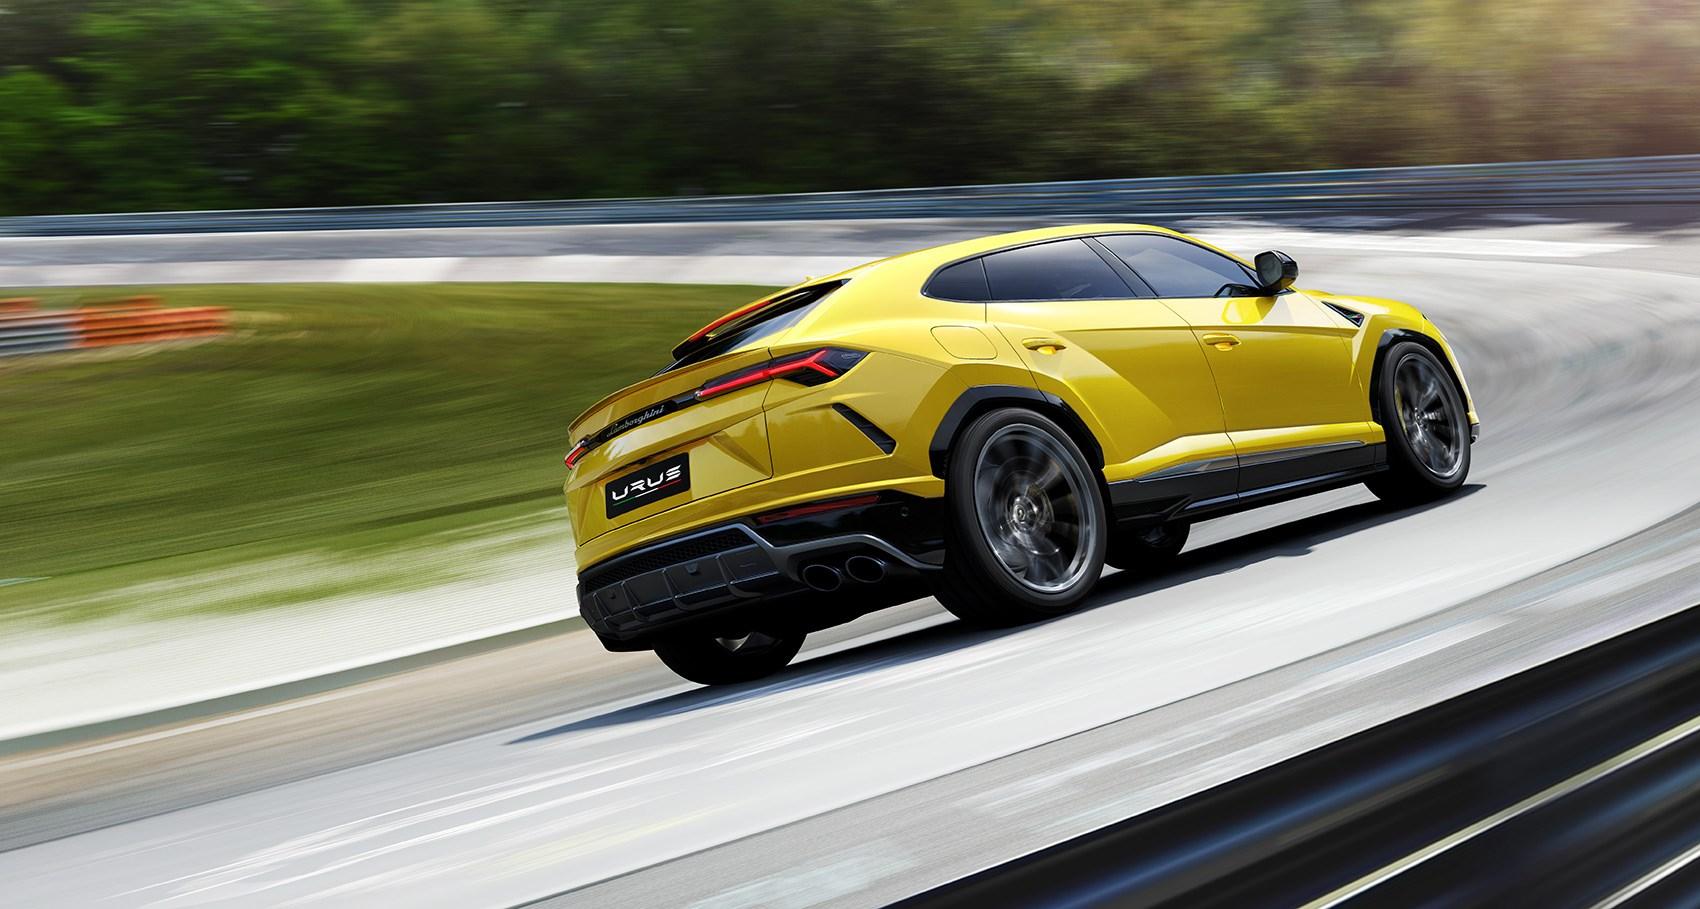 Сможет ли кроссовер Lamborghini Urus покорить Нюрбургринг 1